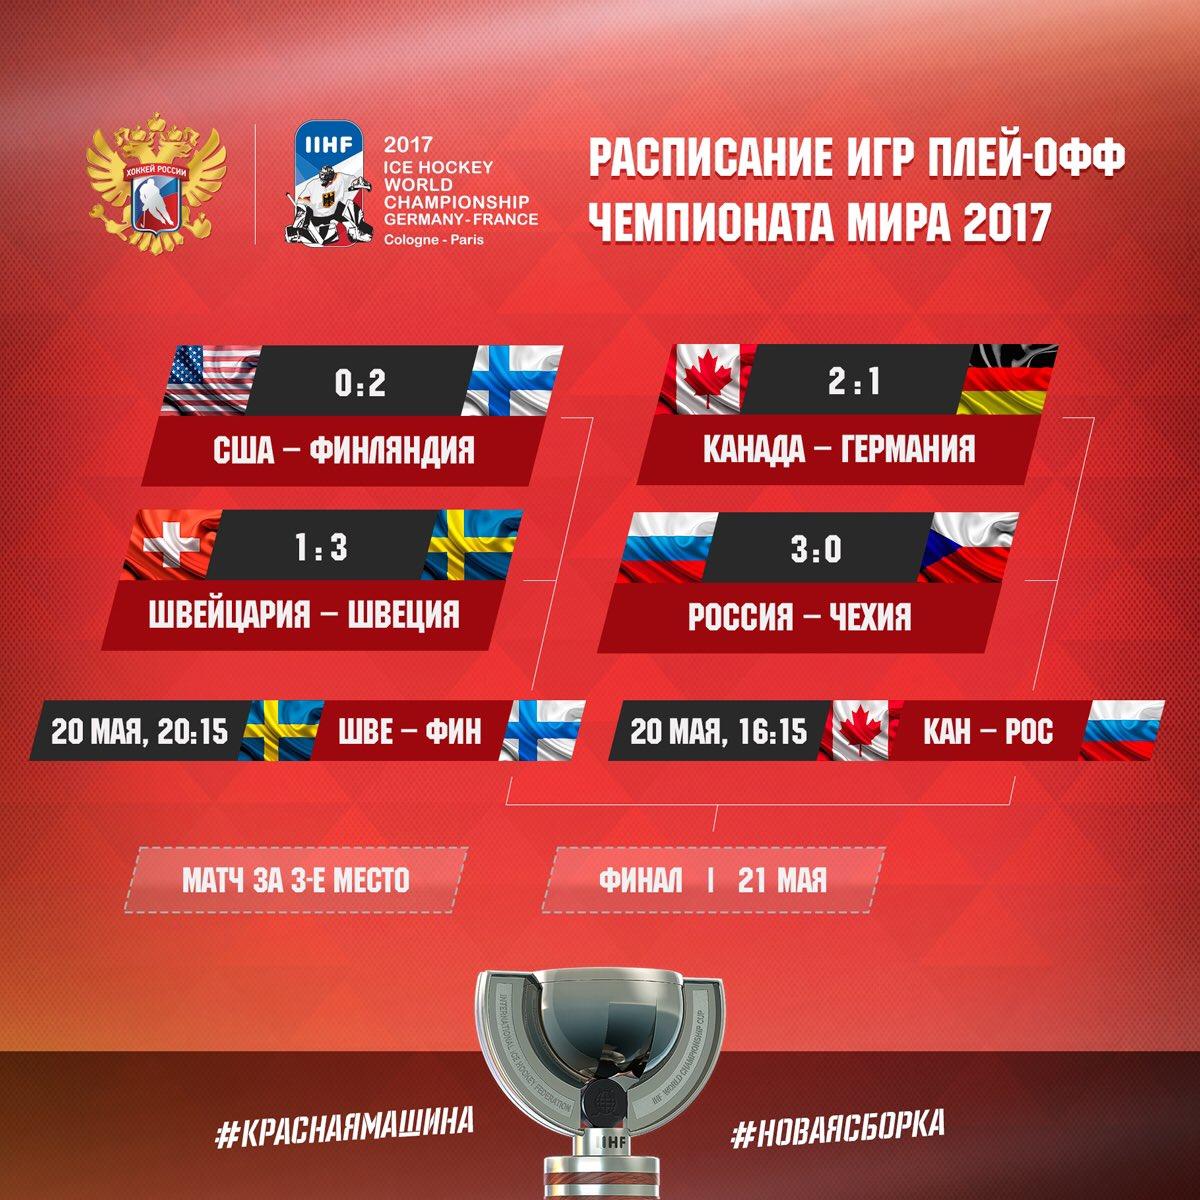 Вышний Волочёк: чм по хоккею 2017 расписание игр и результаты Жан Рошфор